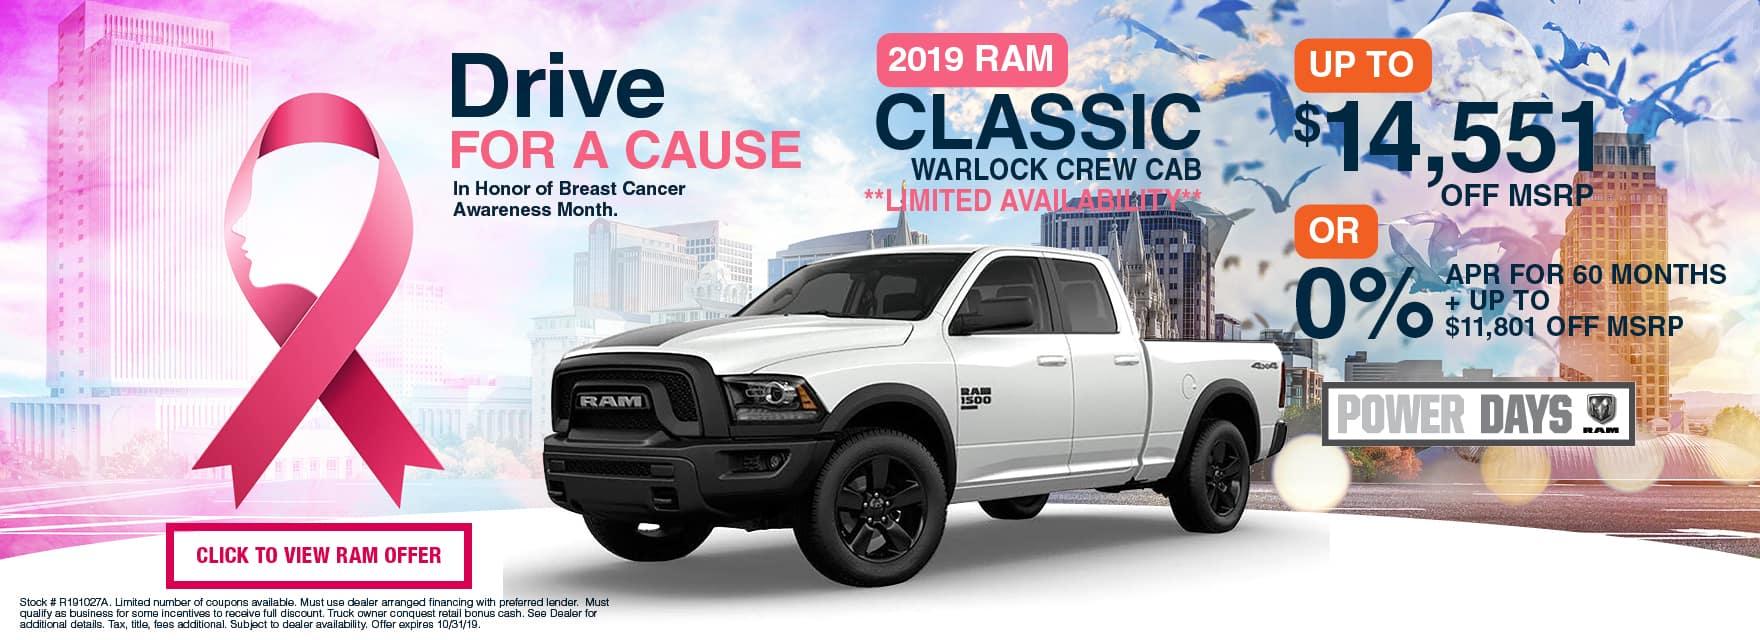 RAM CLASSIC